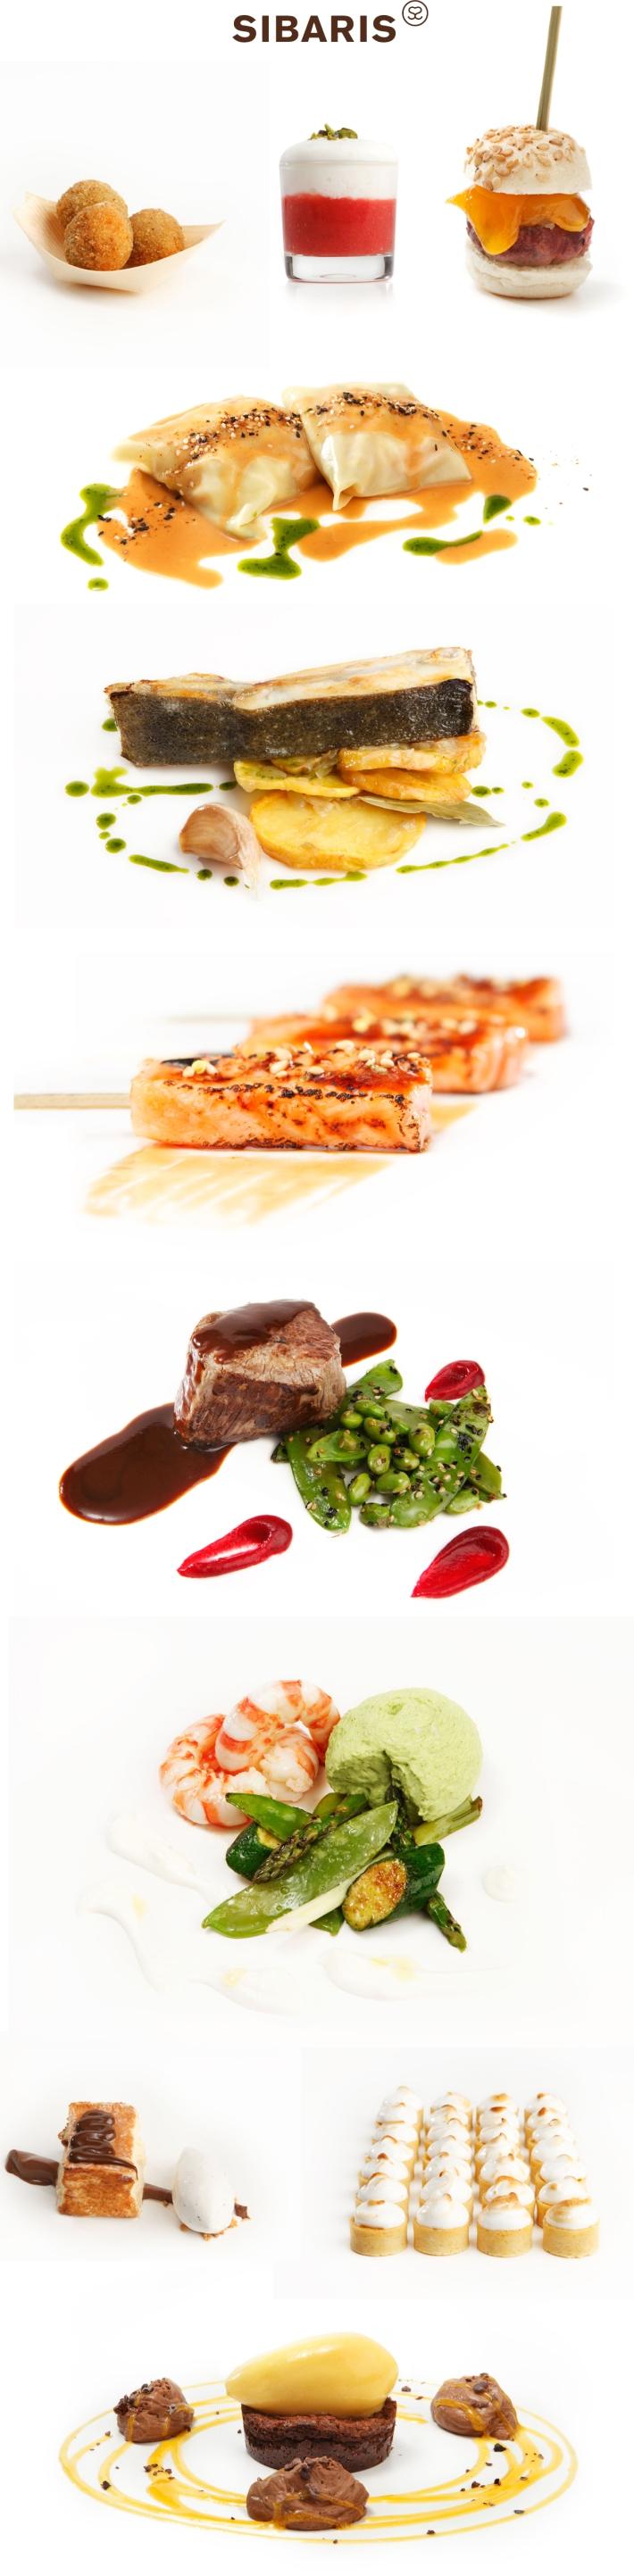 sibaris-catering